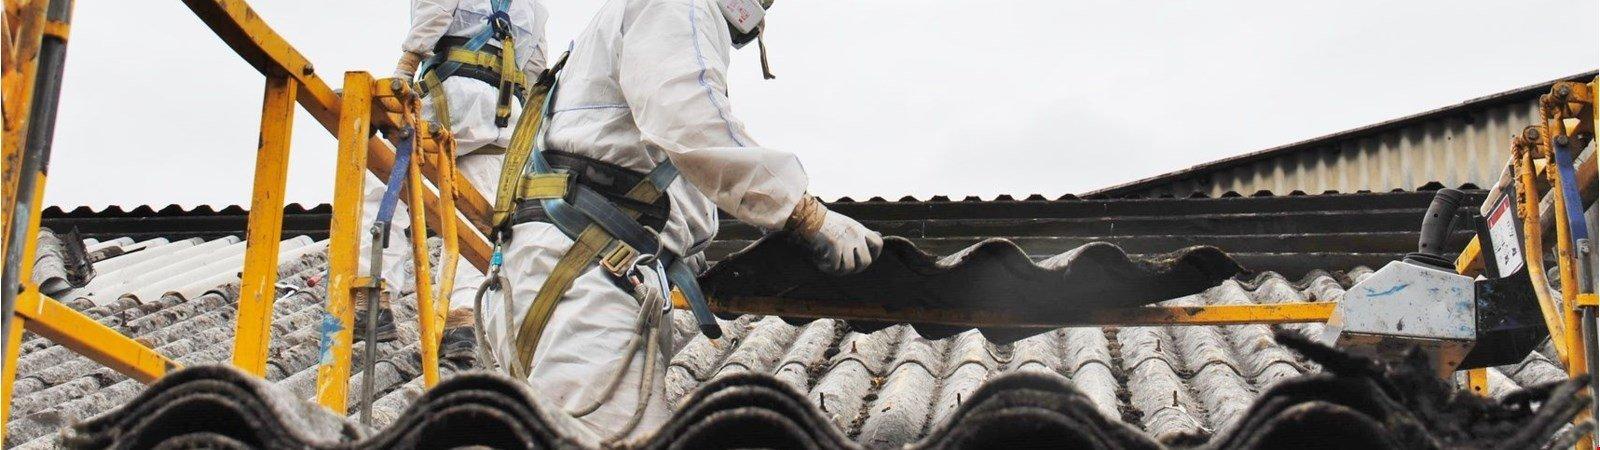 Asbestsanierung: Aufwand, Entsorgung & Kosten